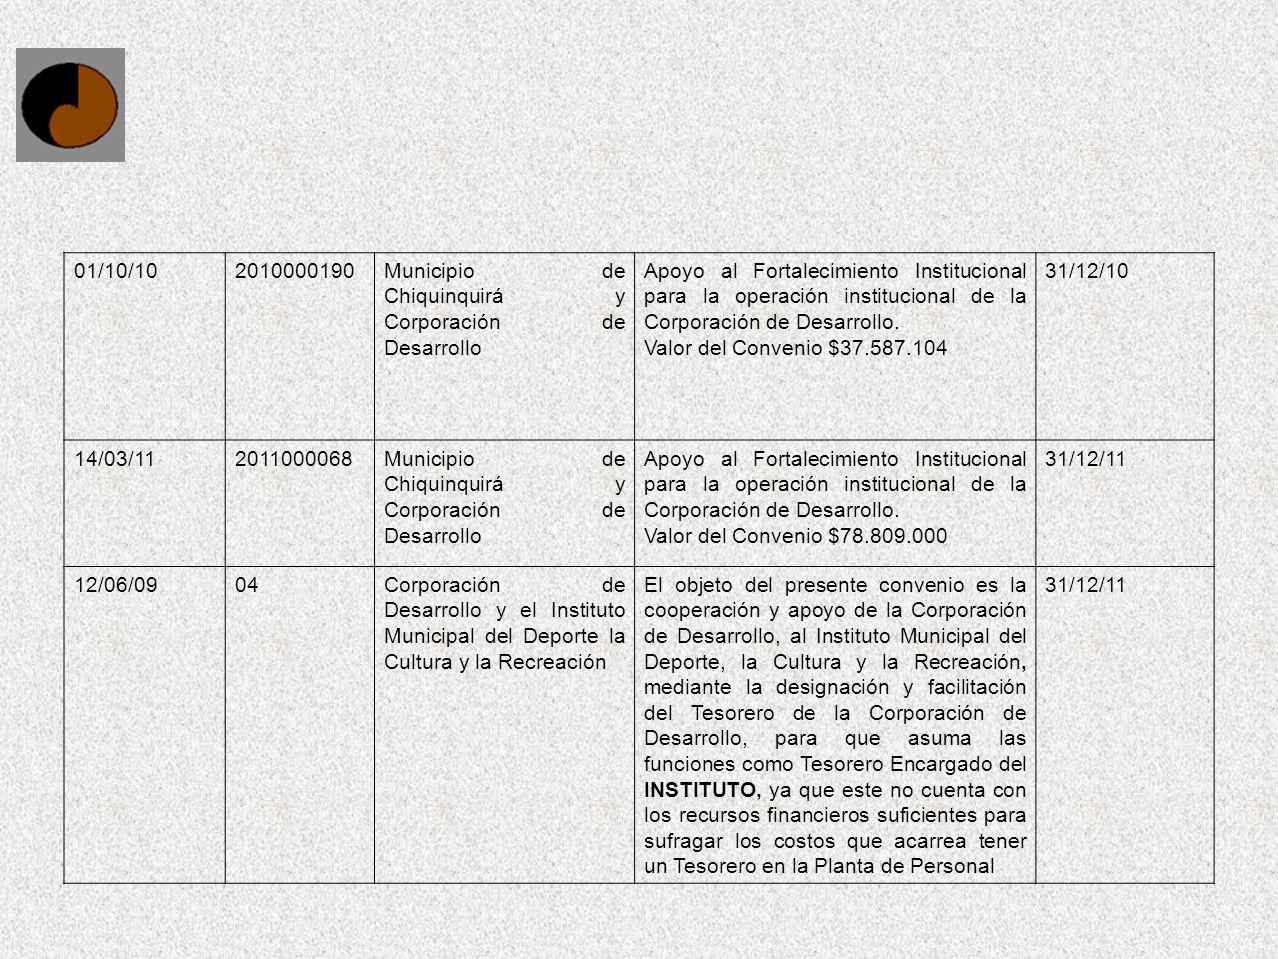 01/10/10 2010000190. Municipio de Chiquinquirá y Corporación de Desarrollo.